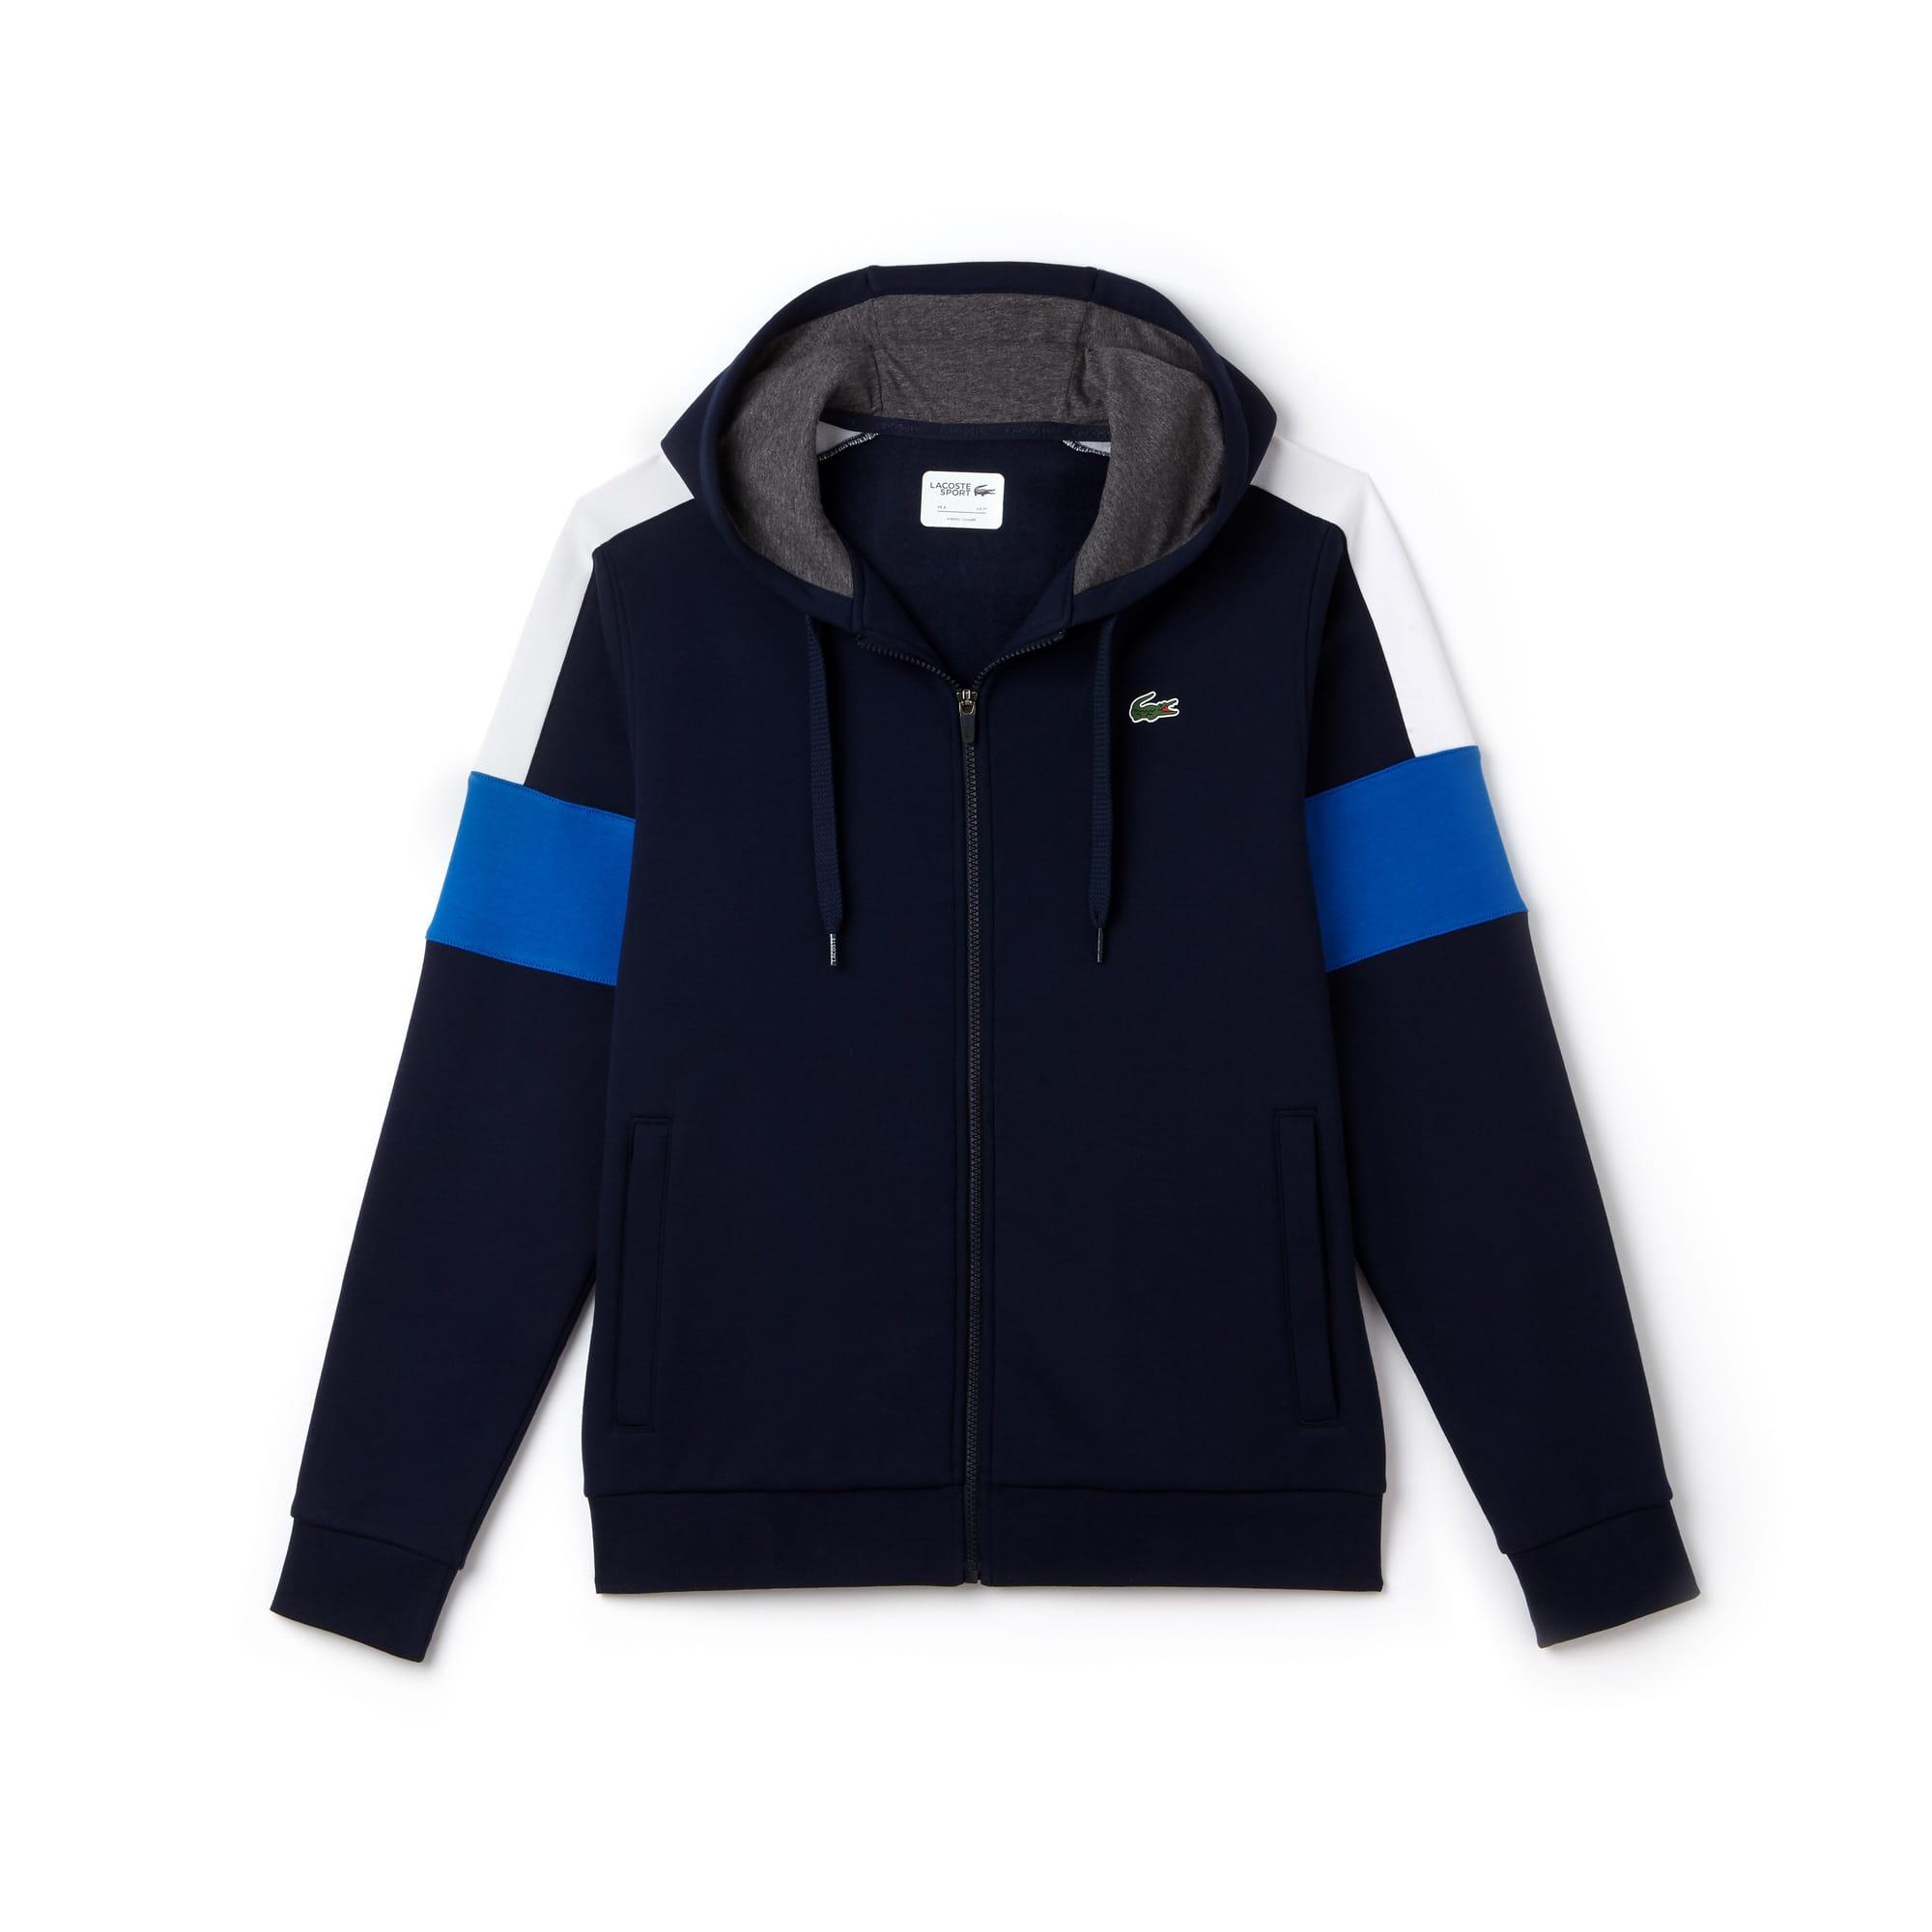 Men's Lacoste SPORT Colorblock Fleece Zippered Tennis Sweatshirt